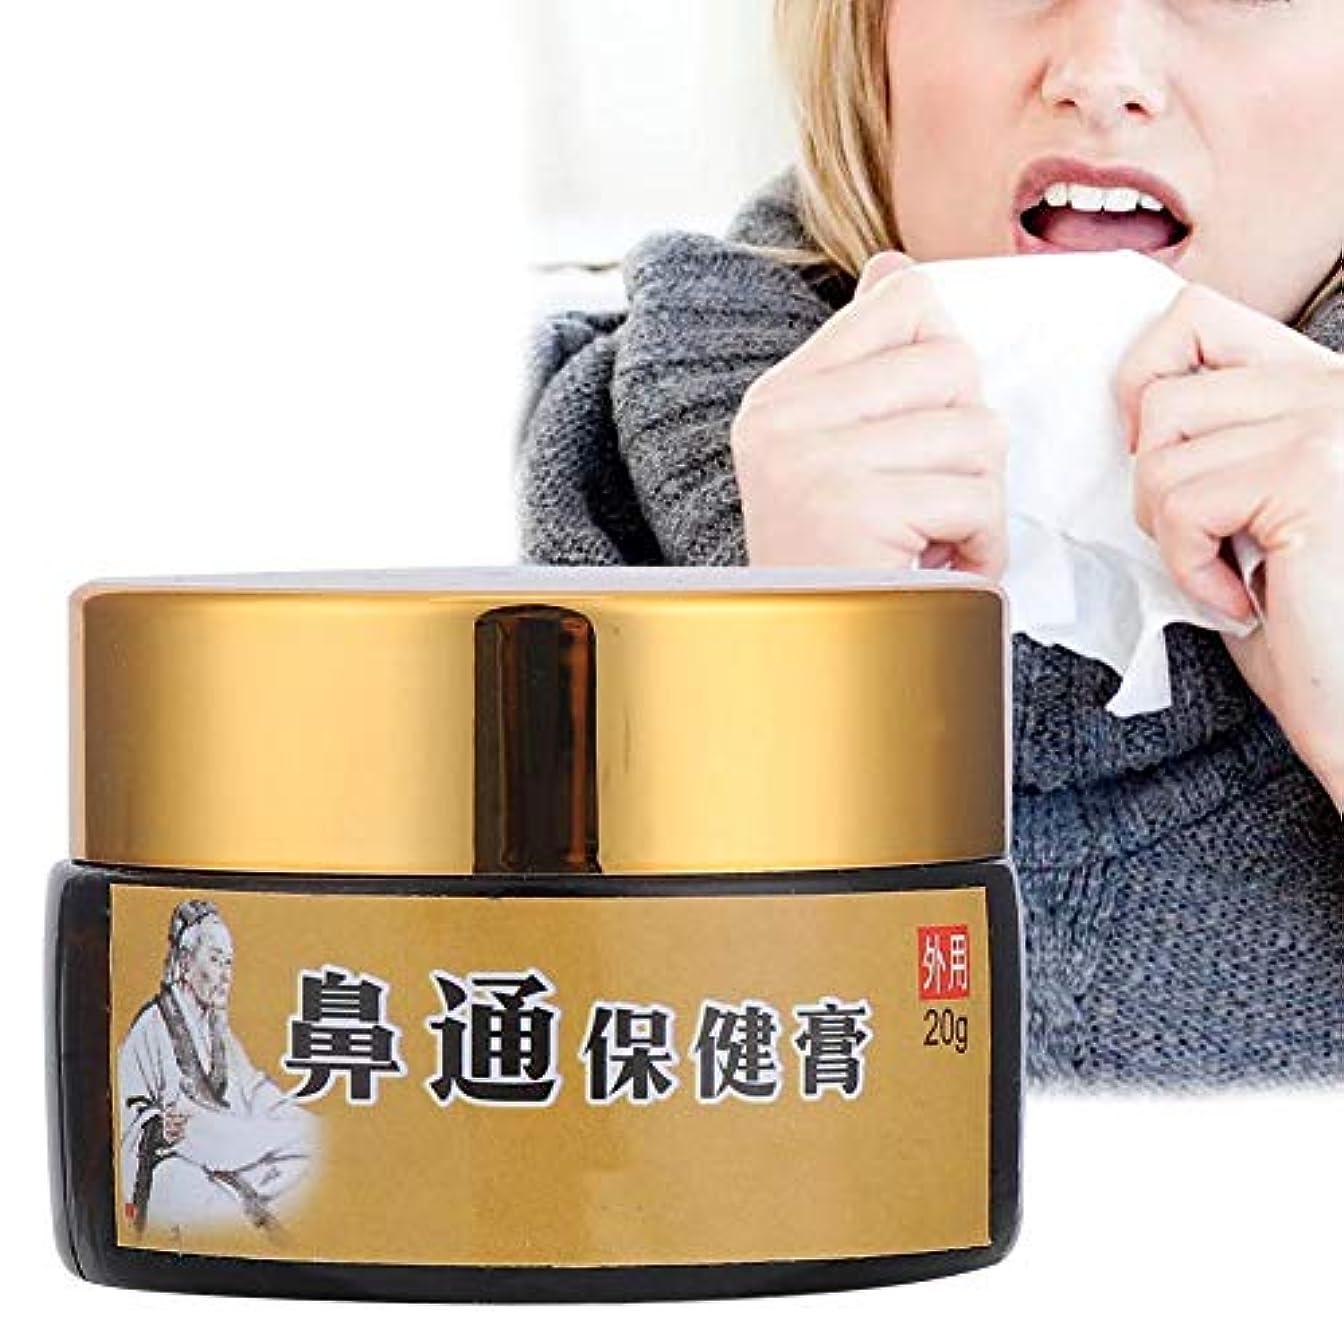 接続詞ライター機械的鼻炎副鼻腔炎鼻クリーム、20g鼻詰まりジェルかゆみくしゃみ鼻詰まりクリーム